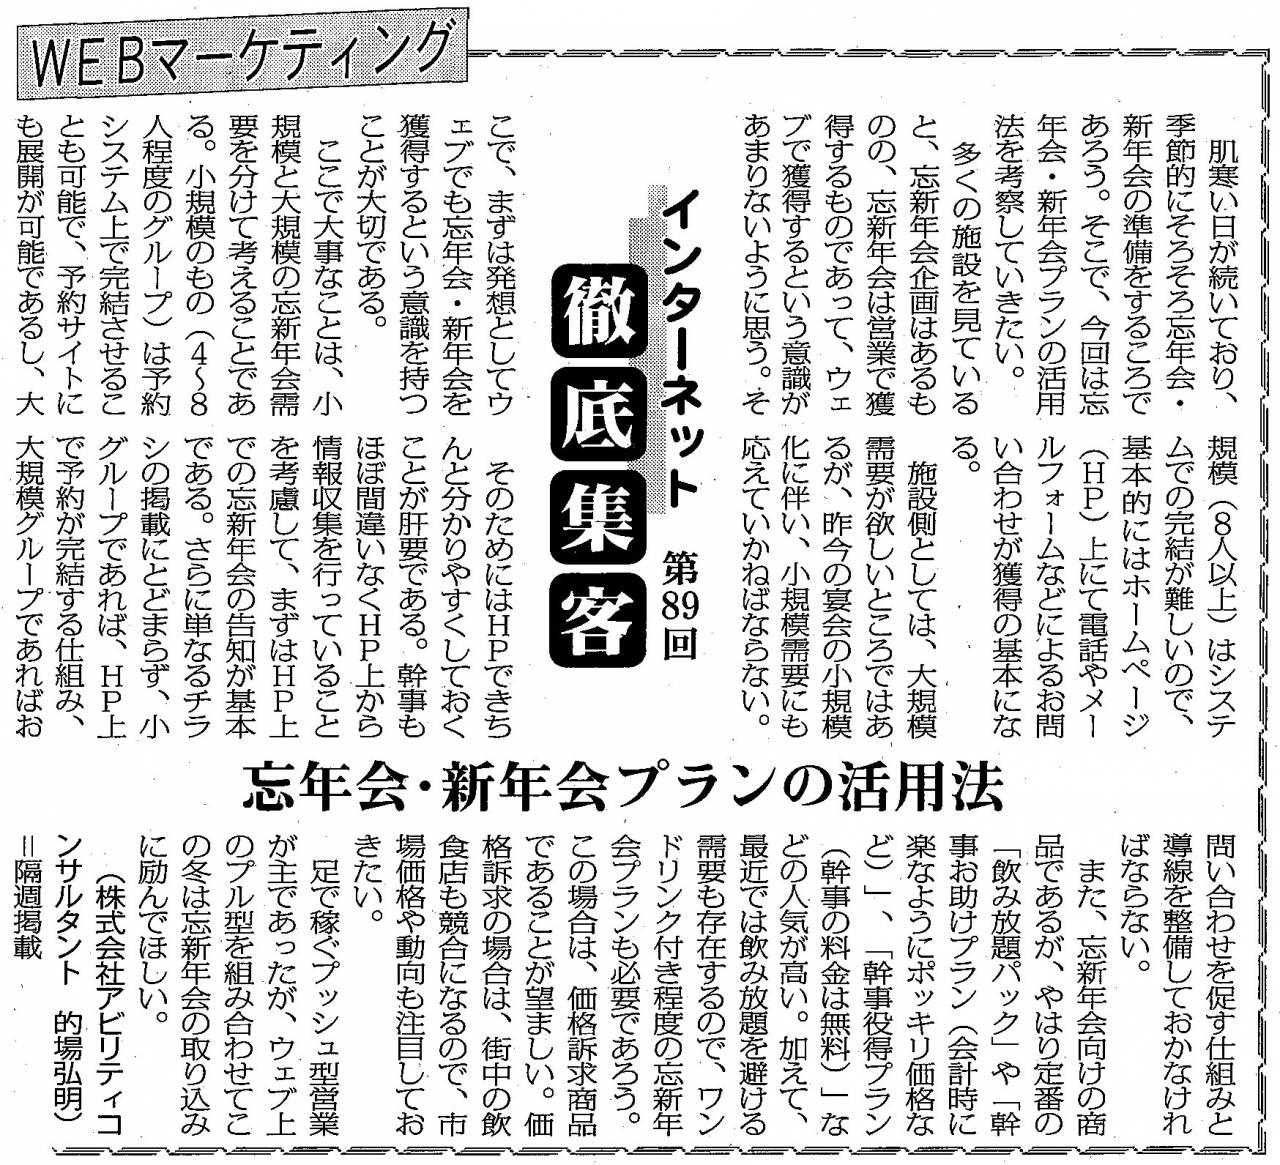 【第89回】WEBマーケティング 忘年会・新年会プランの活用法